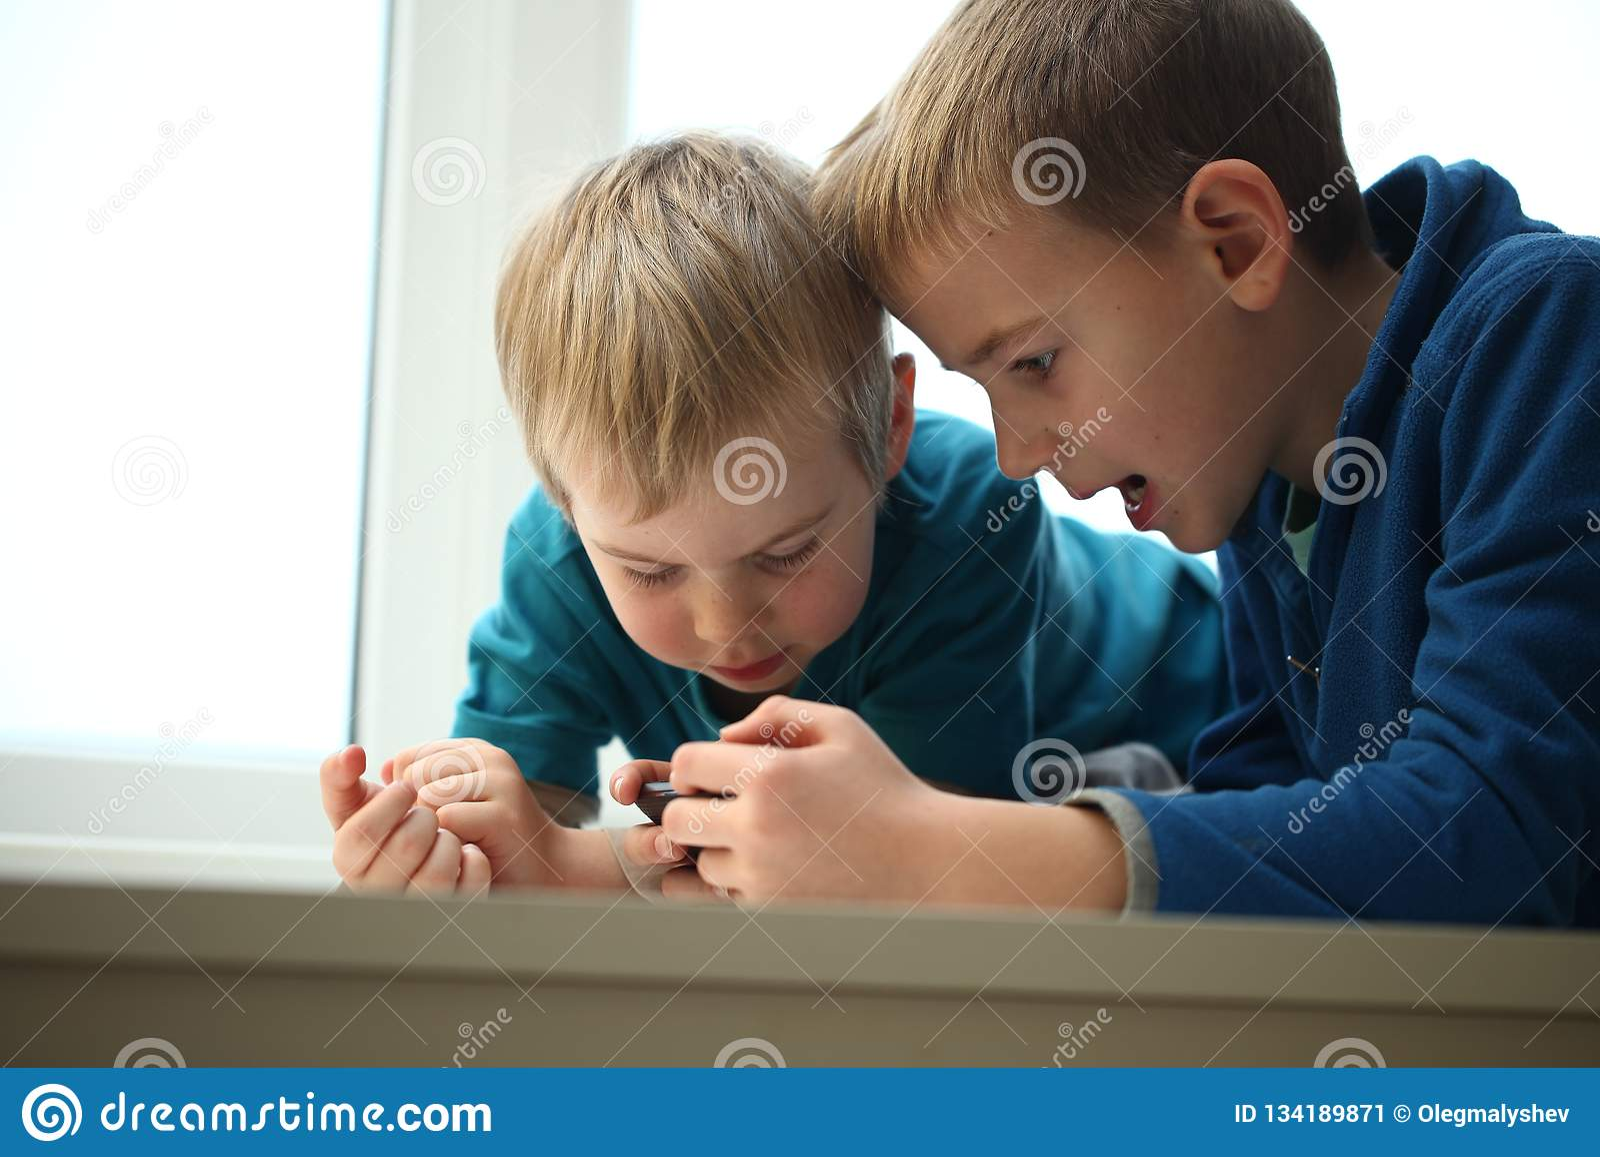 Spielsucht Kinder